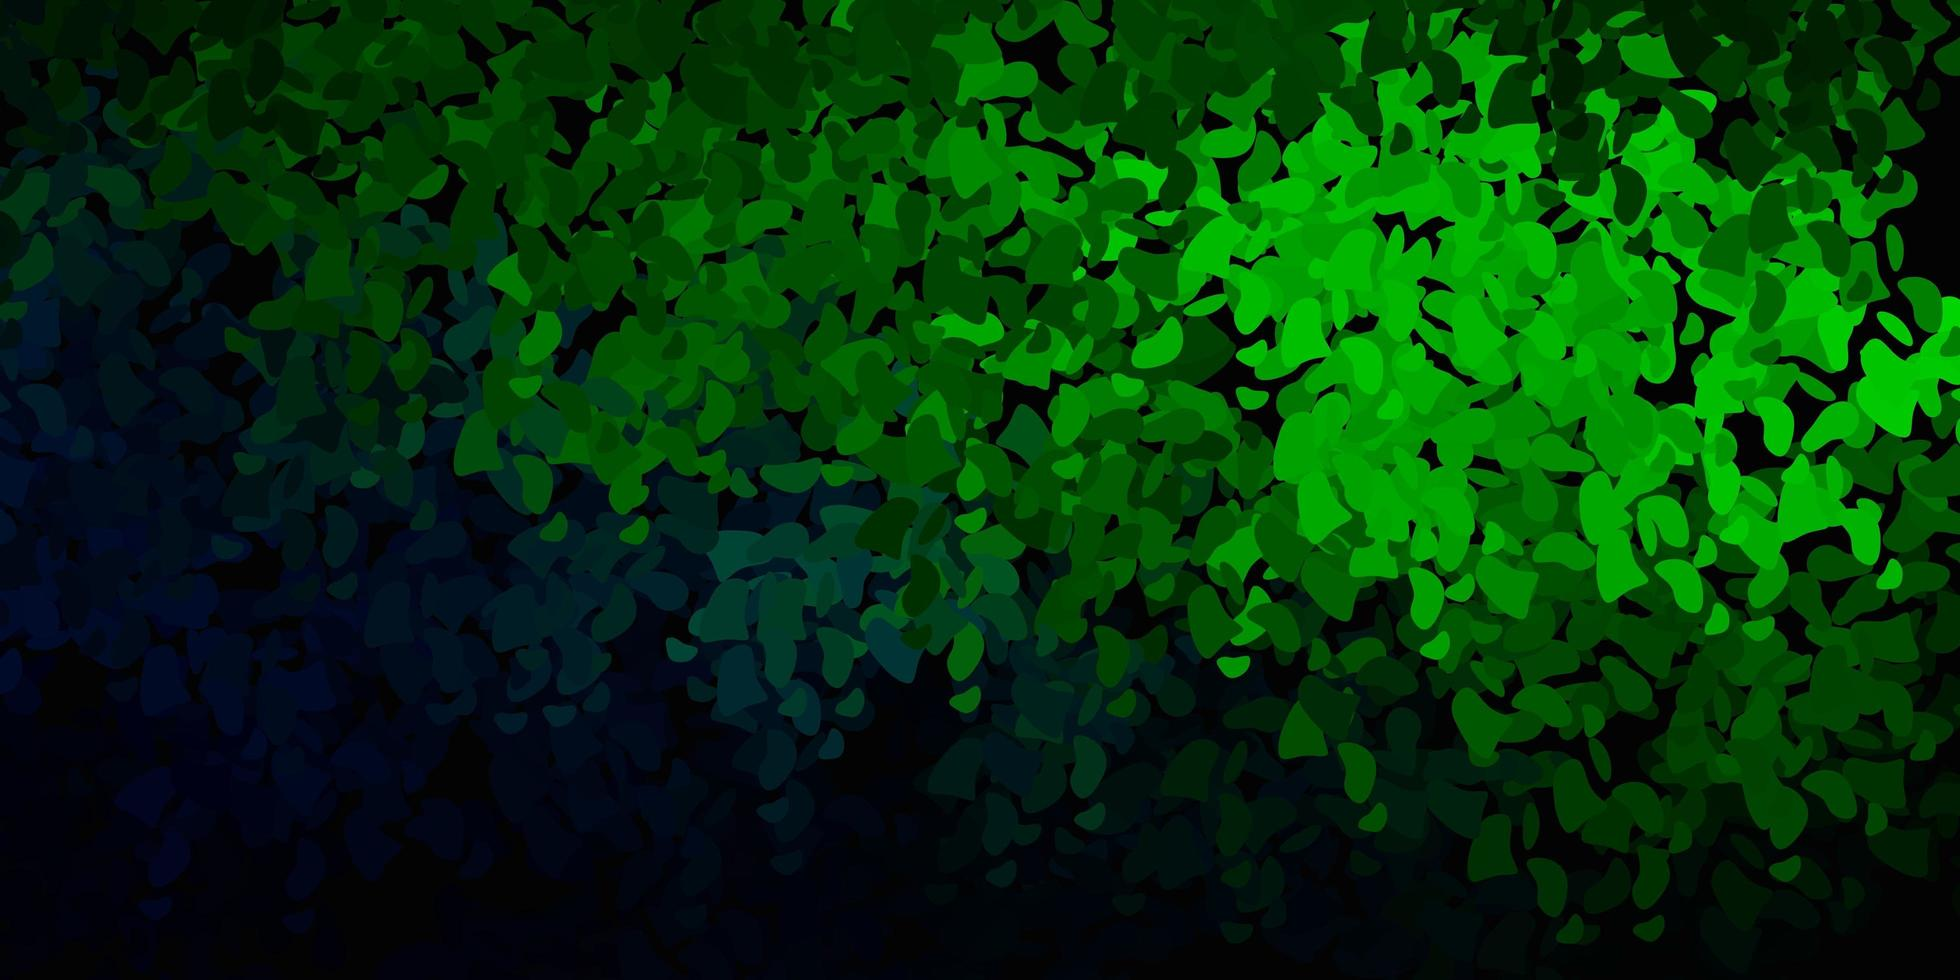 mörkgrön vektor konsistens med memphis former.